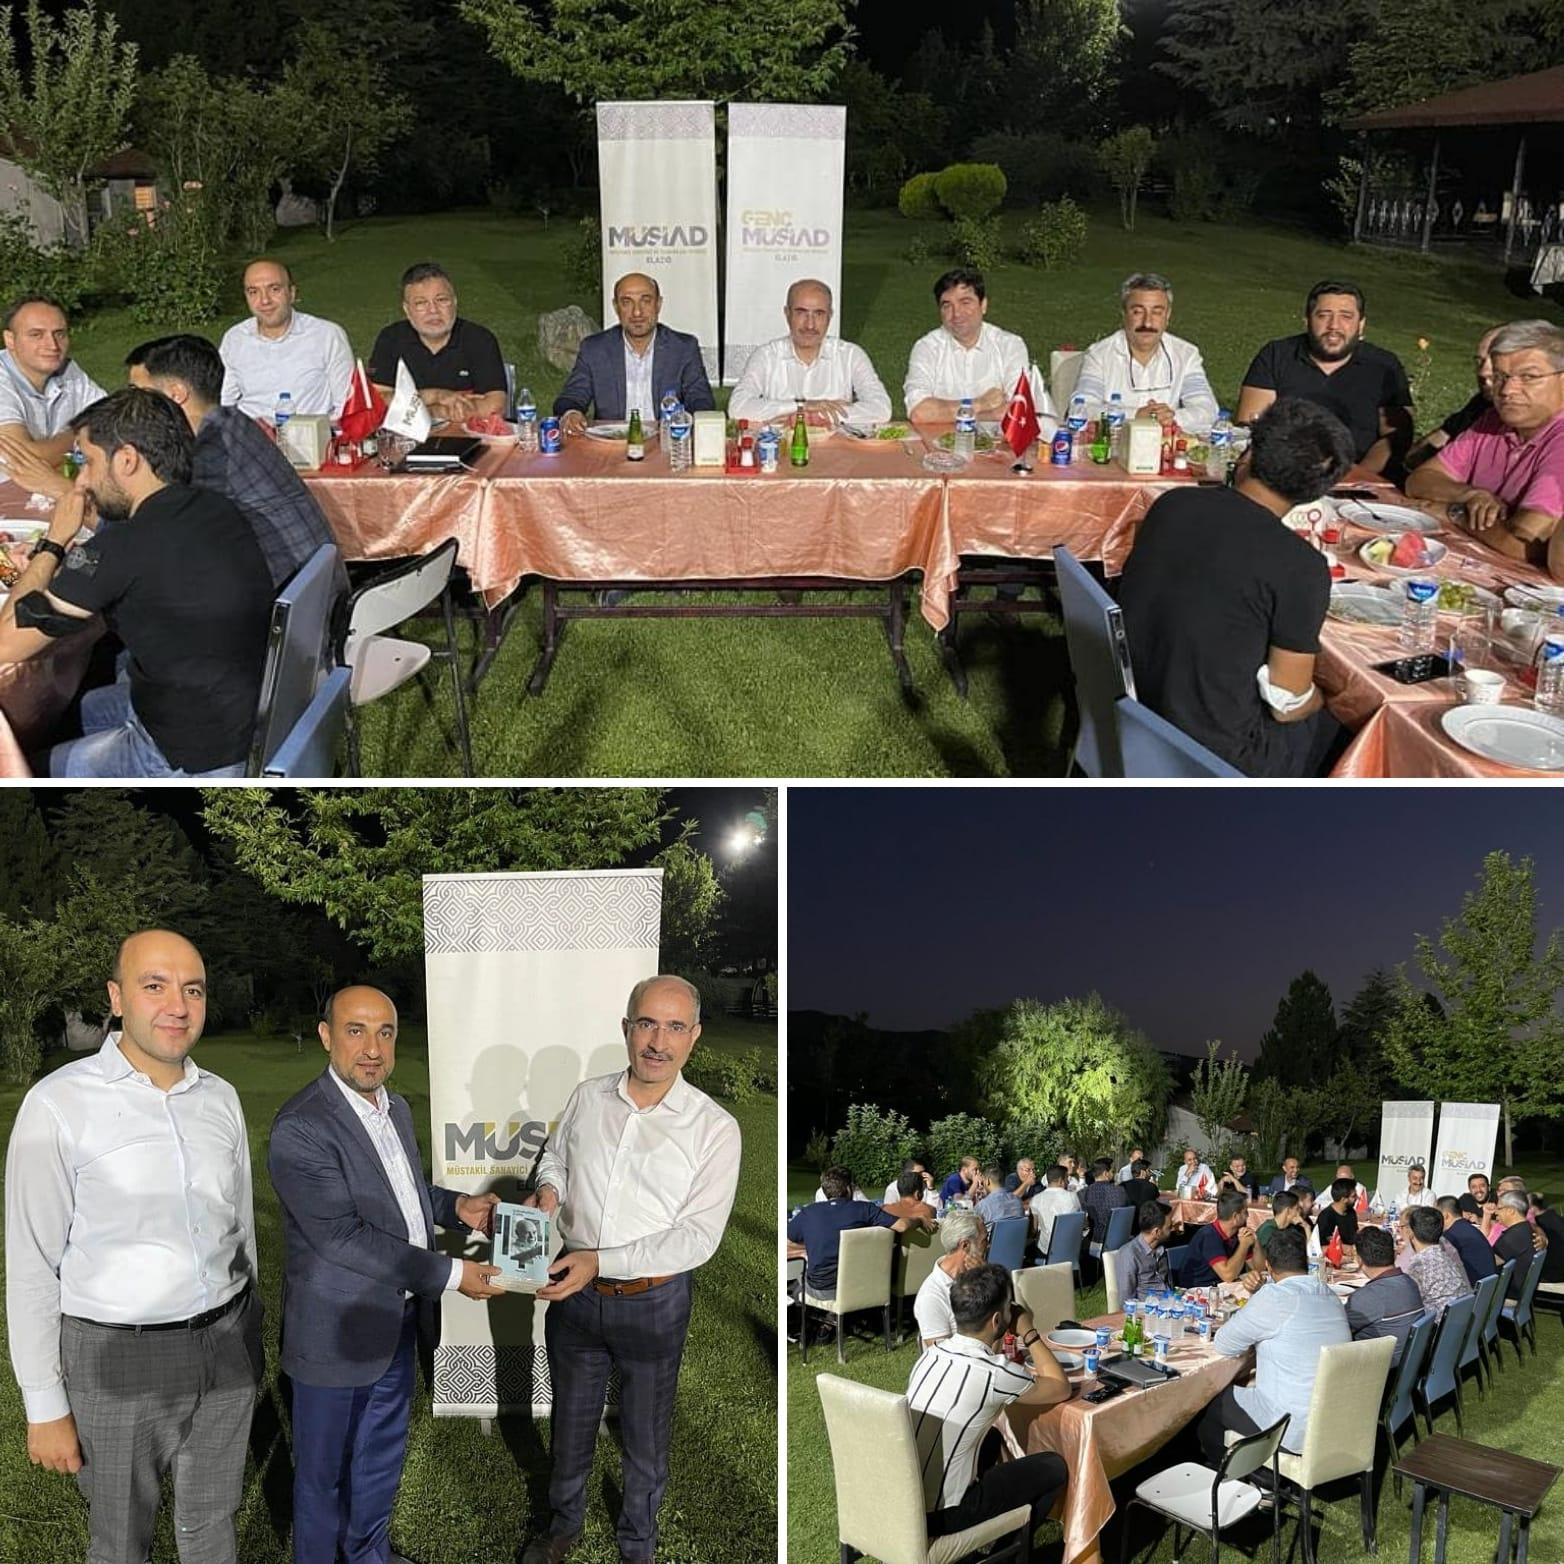 MÜSİAD'DAN BİRLİK BERABERLİK TABLOSU !!